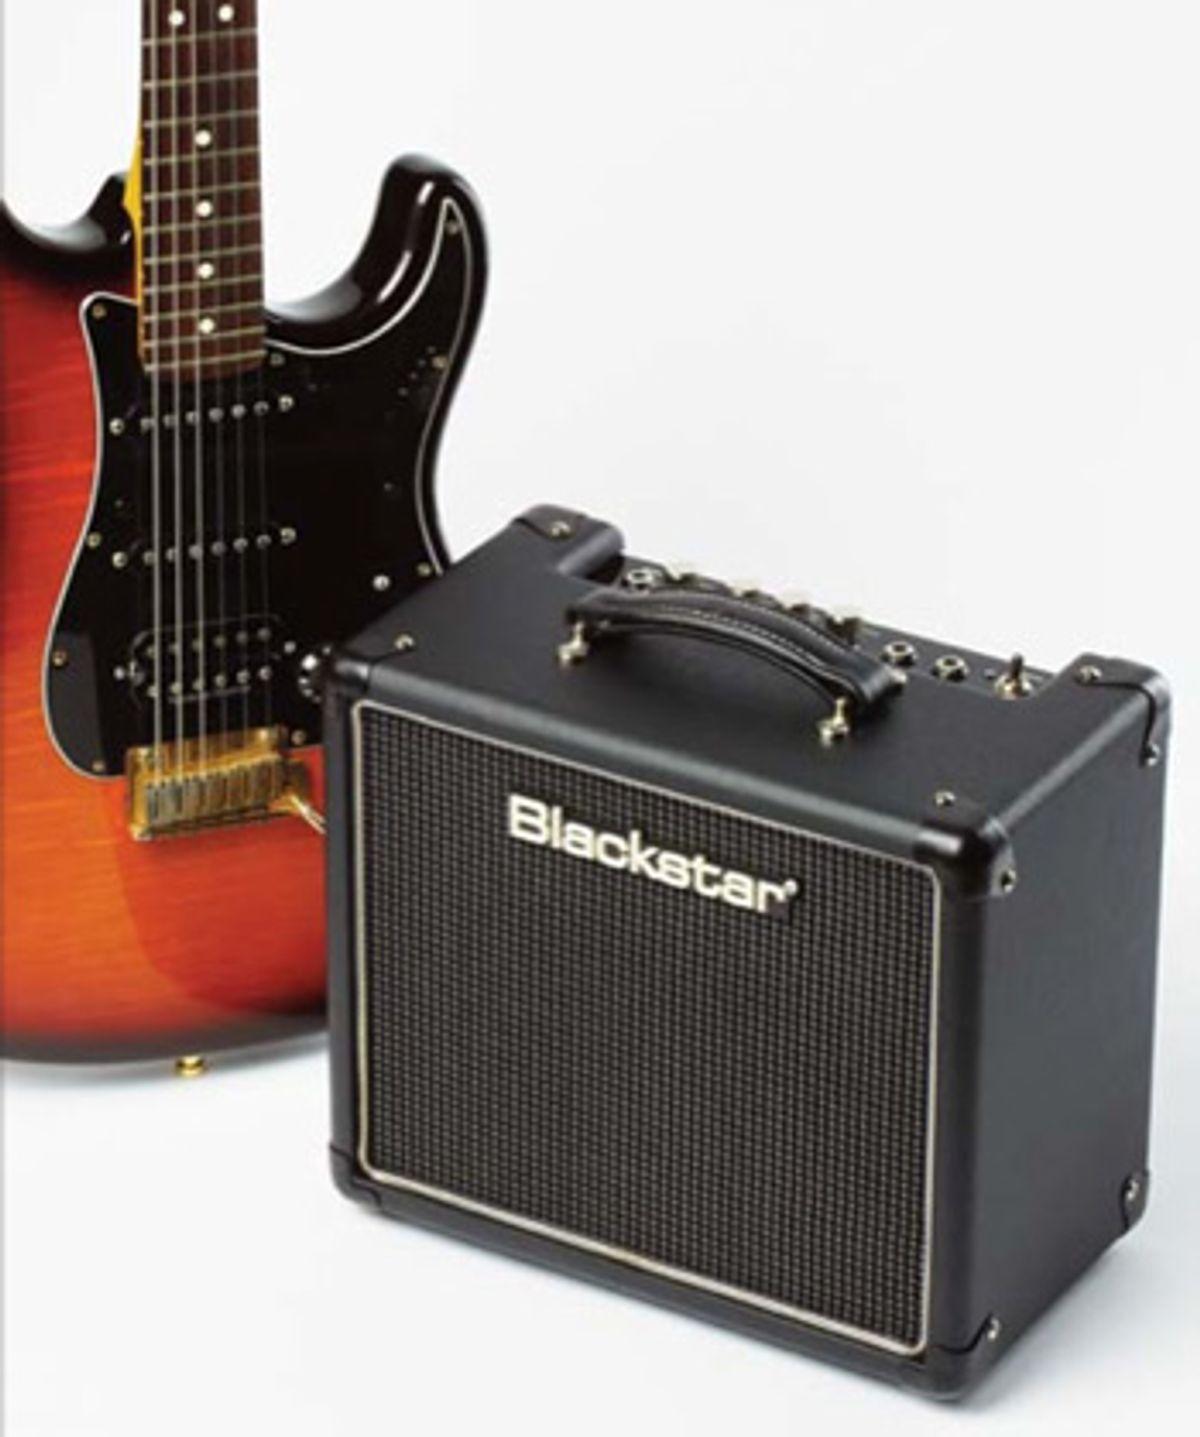 Blackstar Announces HT-1 Amps